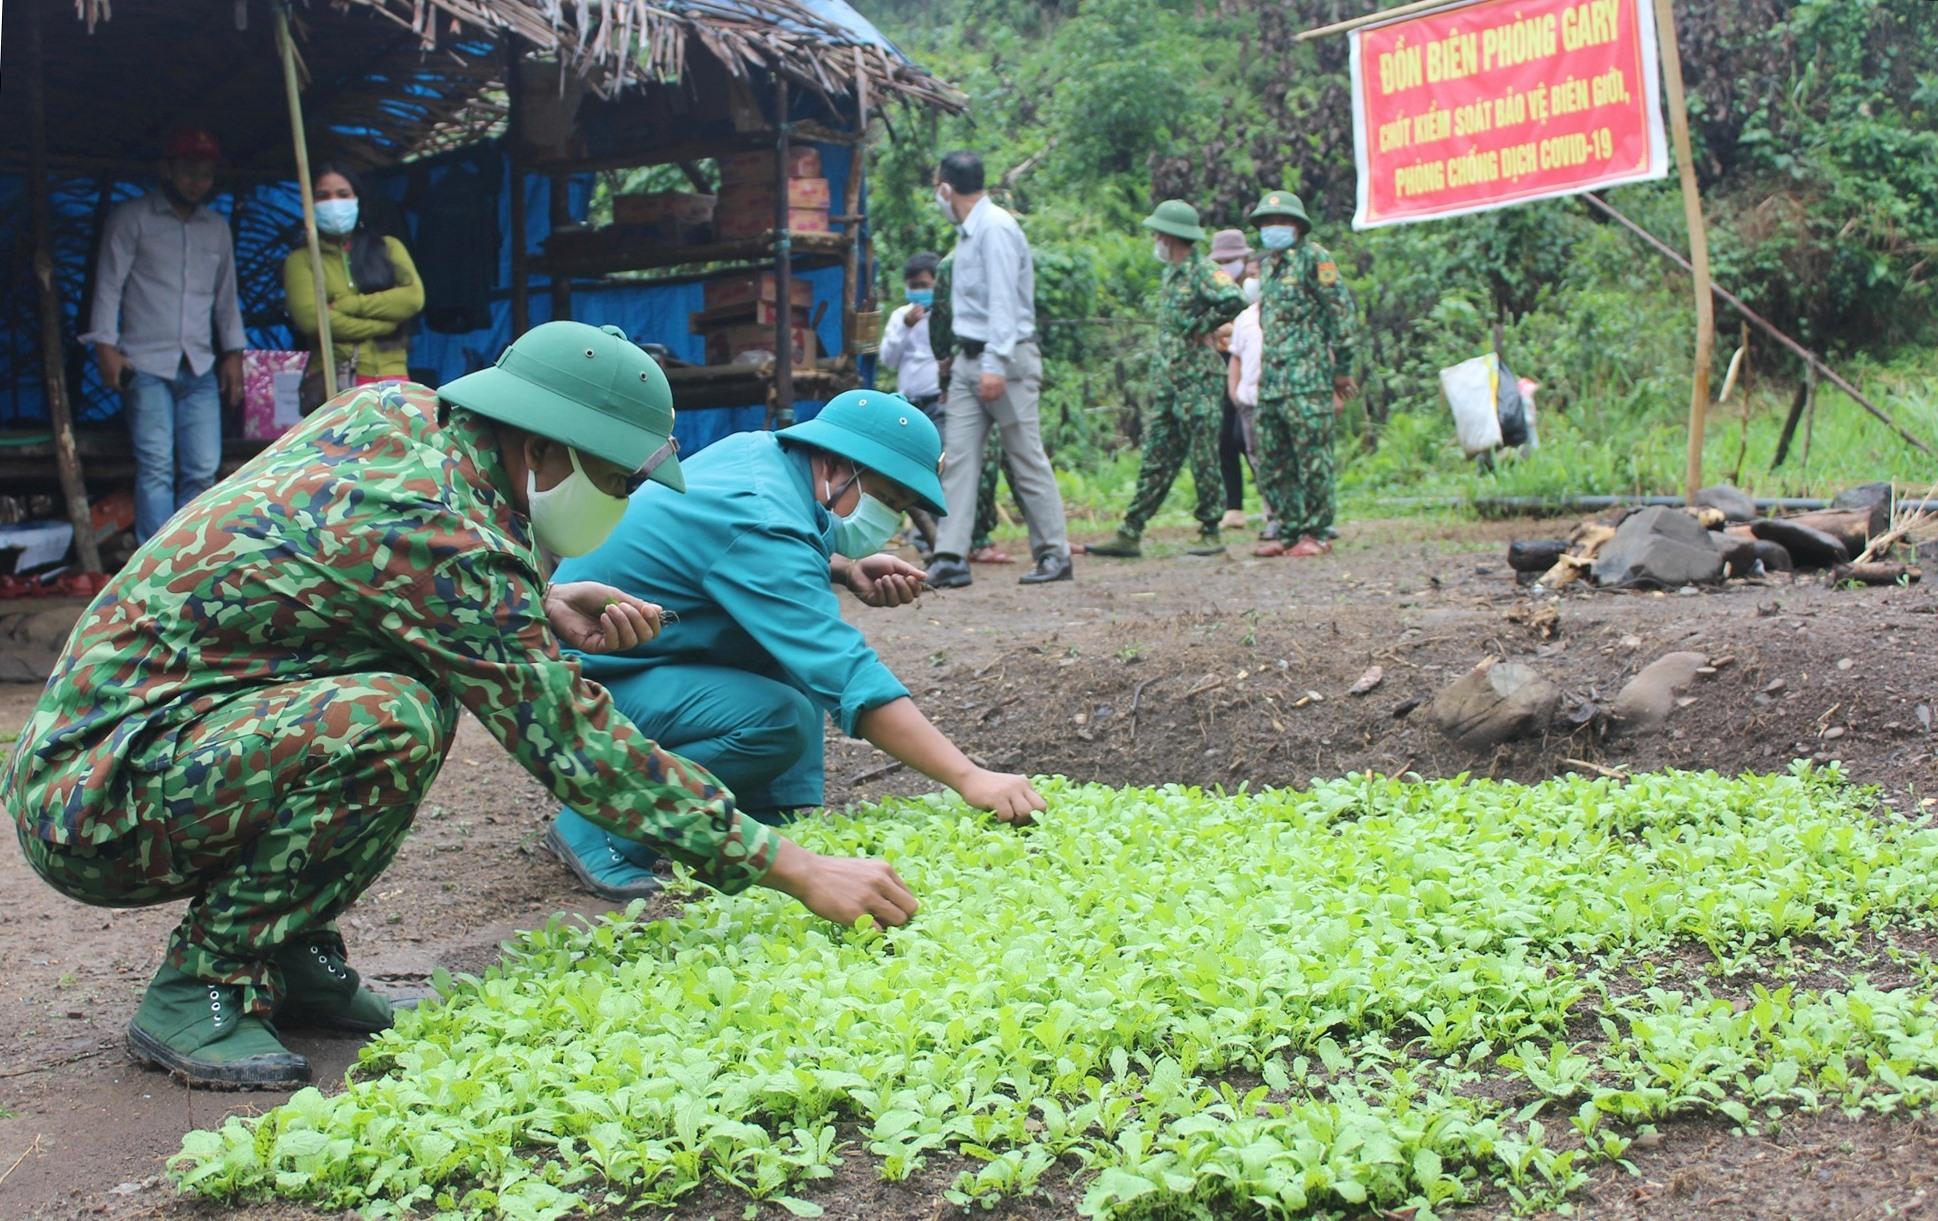 Còn các chiến sĩ Chốt kiểm soát bảo vệ biên giới, phòng chống dịch Covid-19 tại điểm Glao (xã GaRy), các ăn tự trồng rau, nuôi gà, vịt để cải thiện cuộc sống...